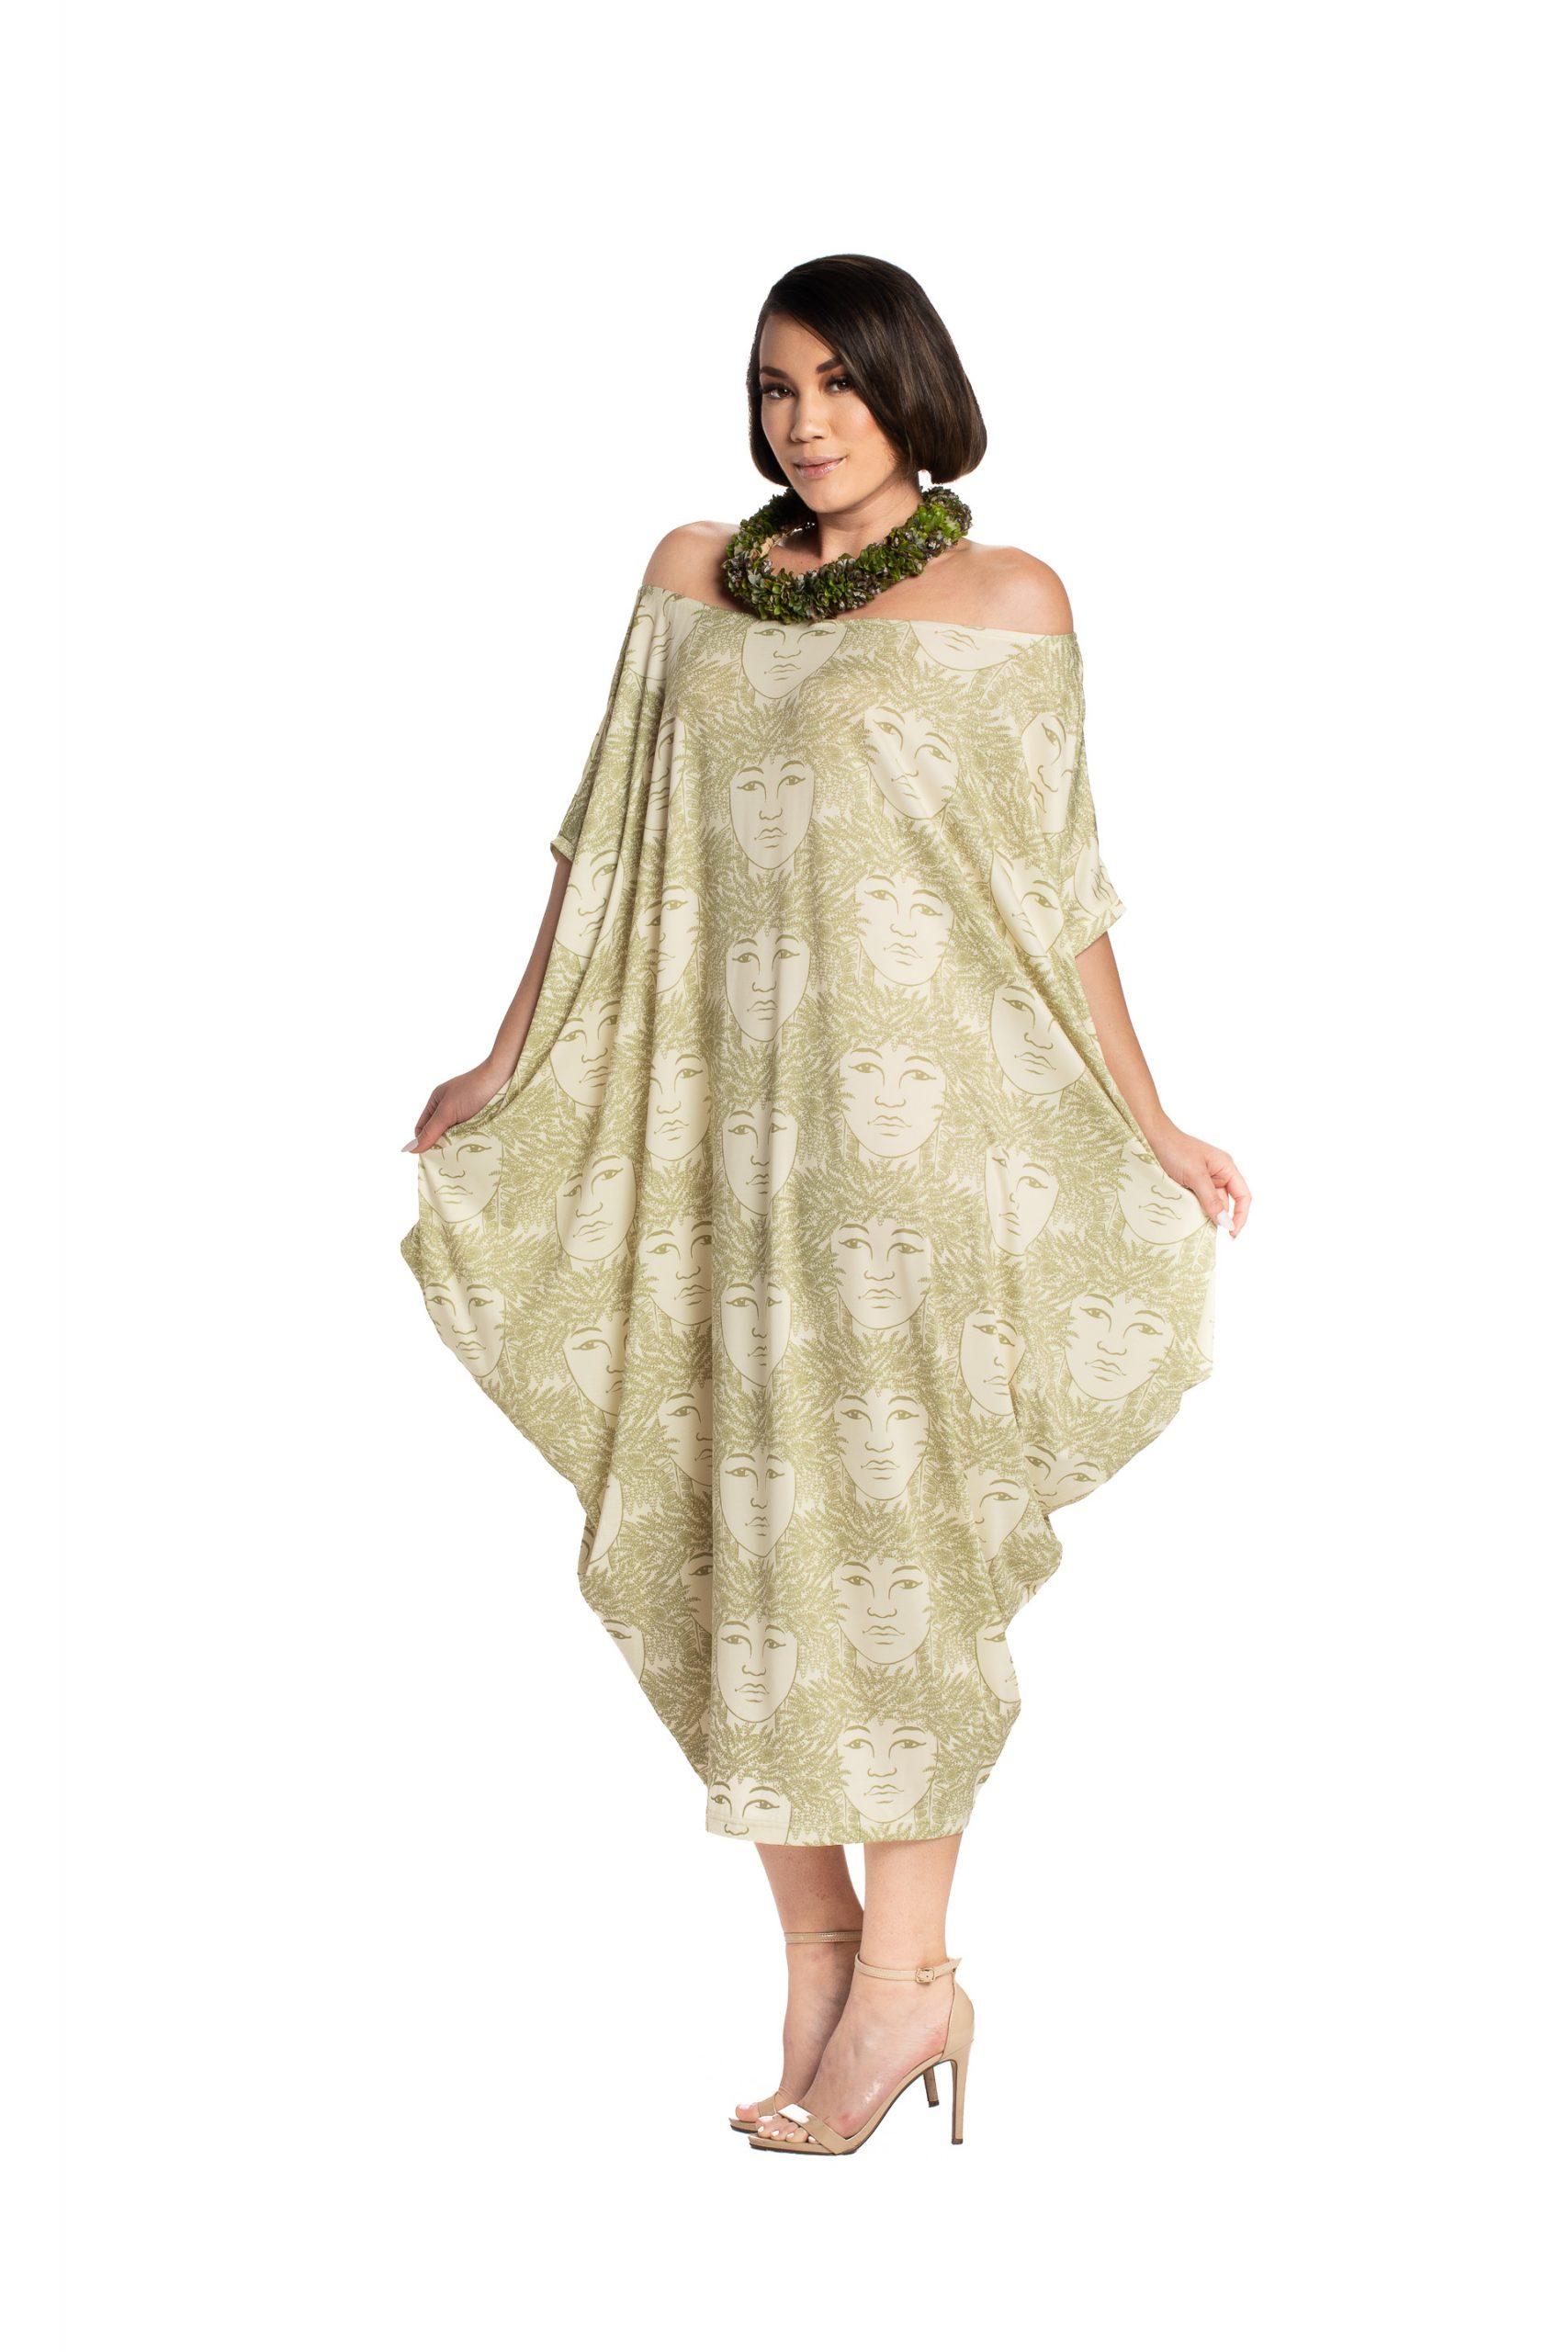 Model wearing a nanea dress in green